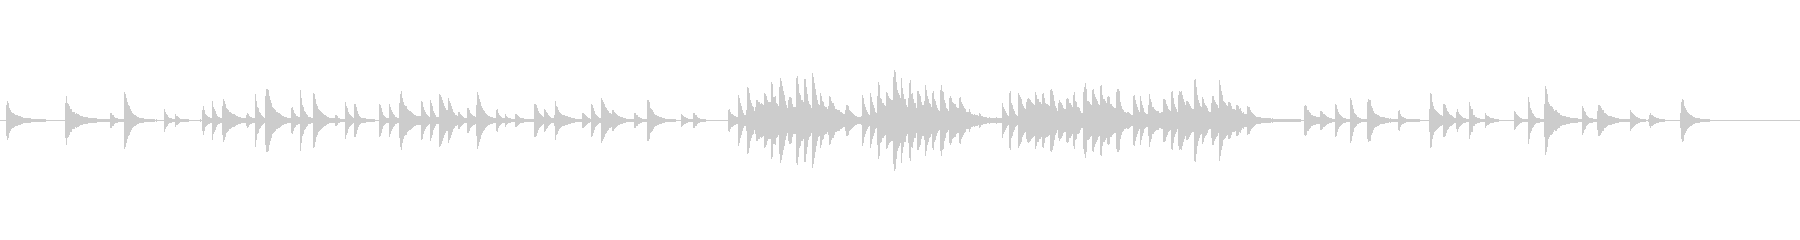 切ない中にも温かさのあるピアノ旋律の未再生の波形